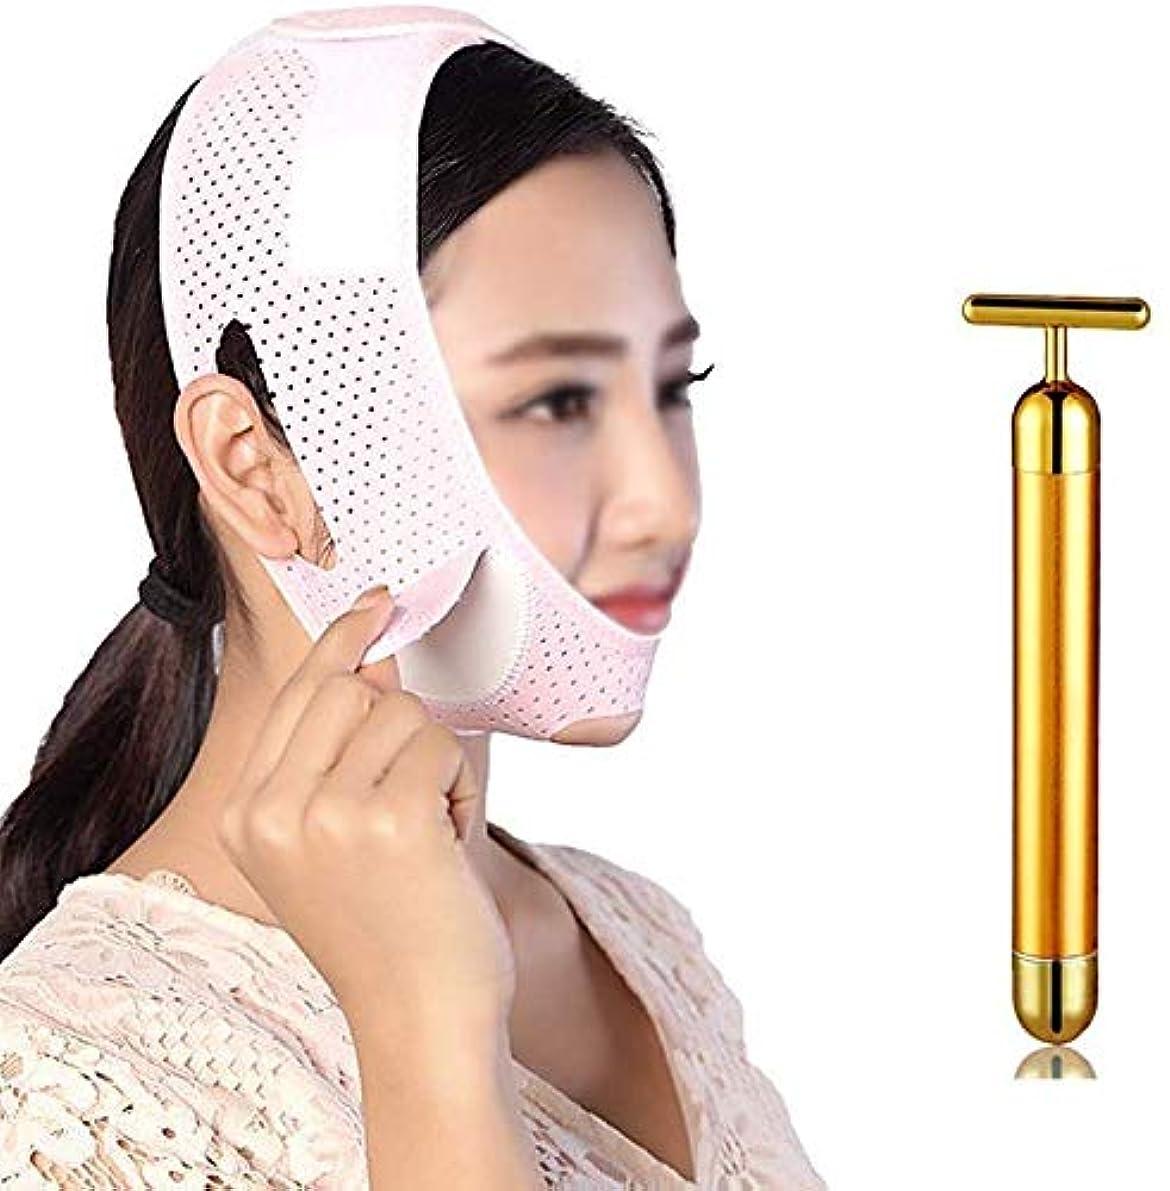 ジョリーバースト教会美しさと実用的な顔と首リフト術後弾性セットVフェイスマスクは、チンV顔アーティファクト回復サポートベルトの収縮の調整を強化します。